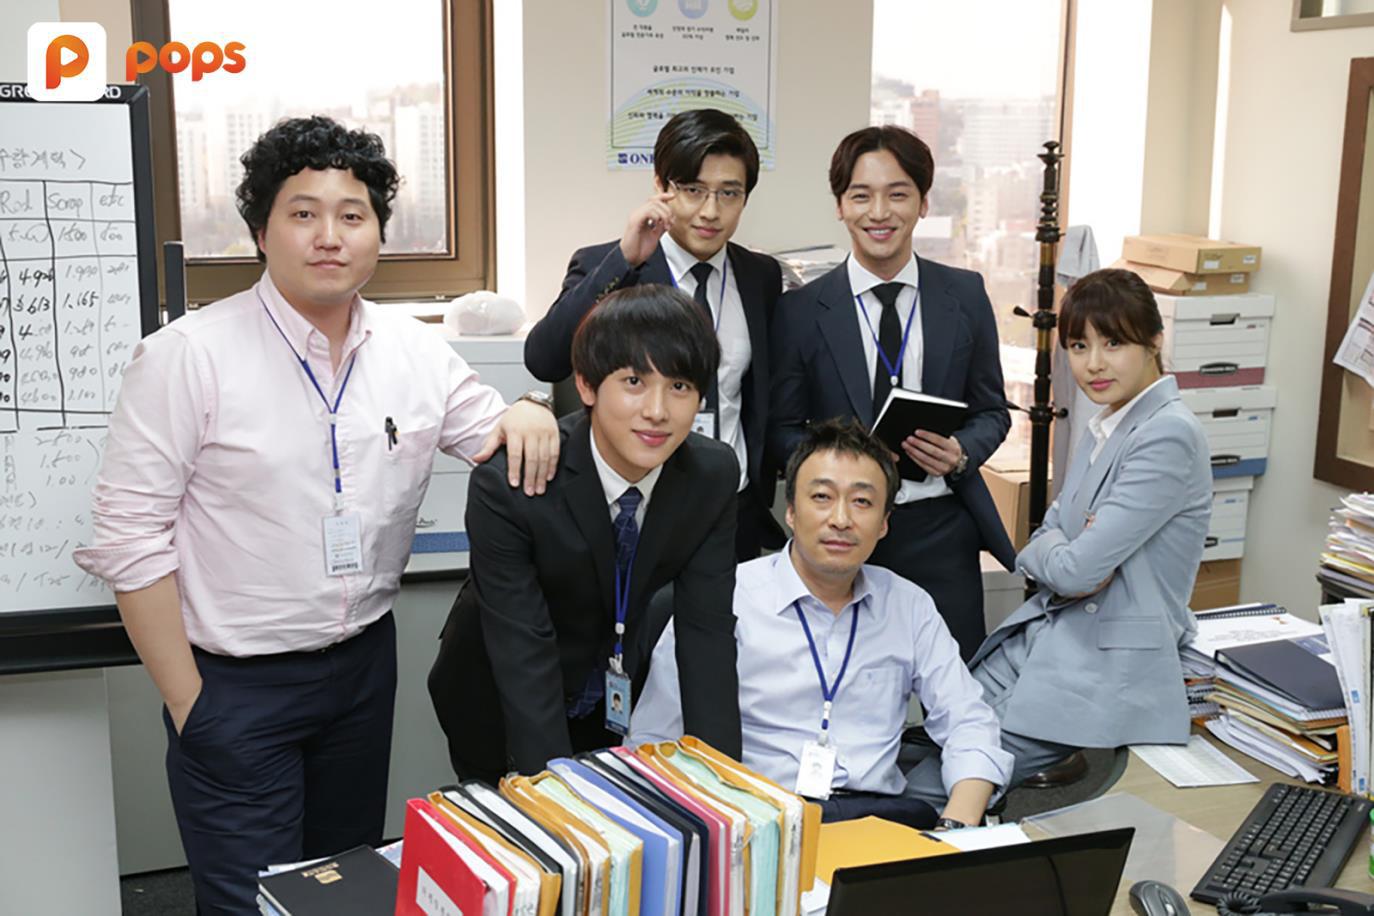 6 điện ảnh xứ hàn bất tử theo thời gian, quy tụ toàn tình đầu quốc dân: Lee Joon-gi, Ji Chang-wook, Yoona đã trở lại - Ảnh 6.